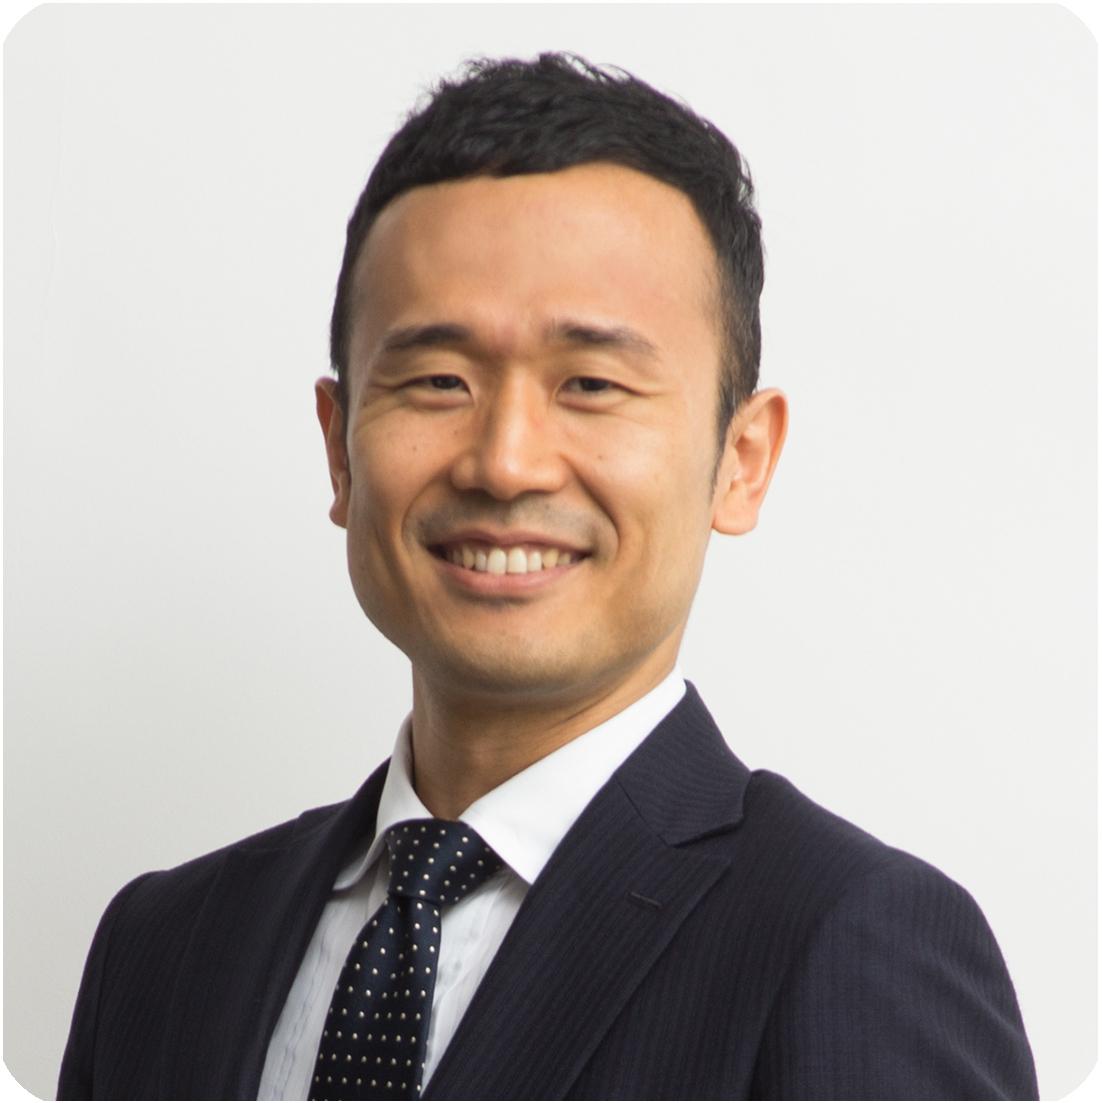 青木 俊介 氏 | アンダーソン・毛利・友常法律事務所外国法共同事業 パートナー弁護士